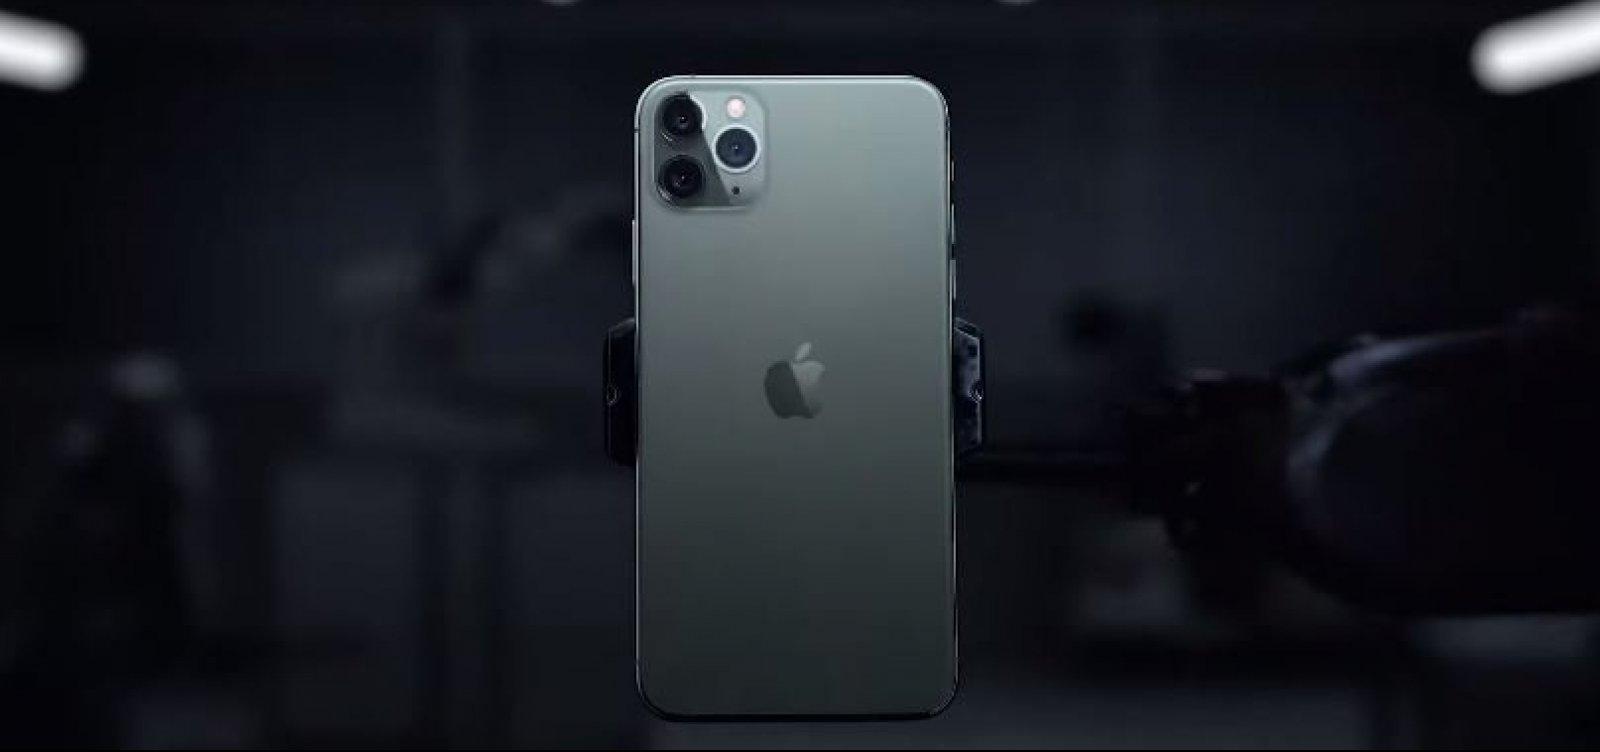 [Apple anuncia novos modelos de iPhone 11 e iPhone 11 Pro; confira]